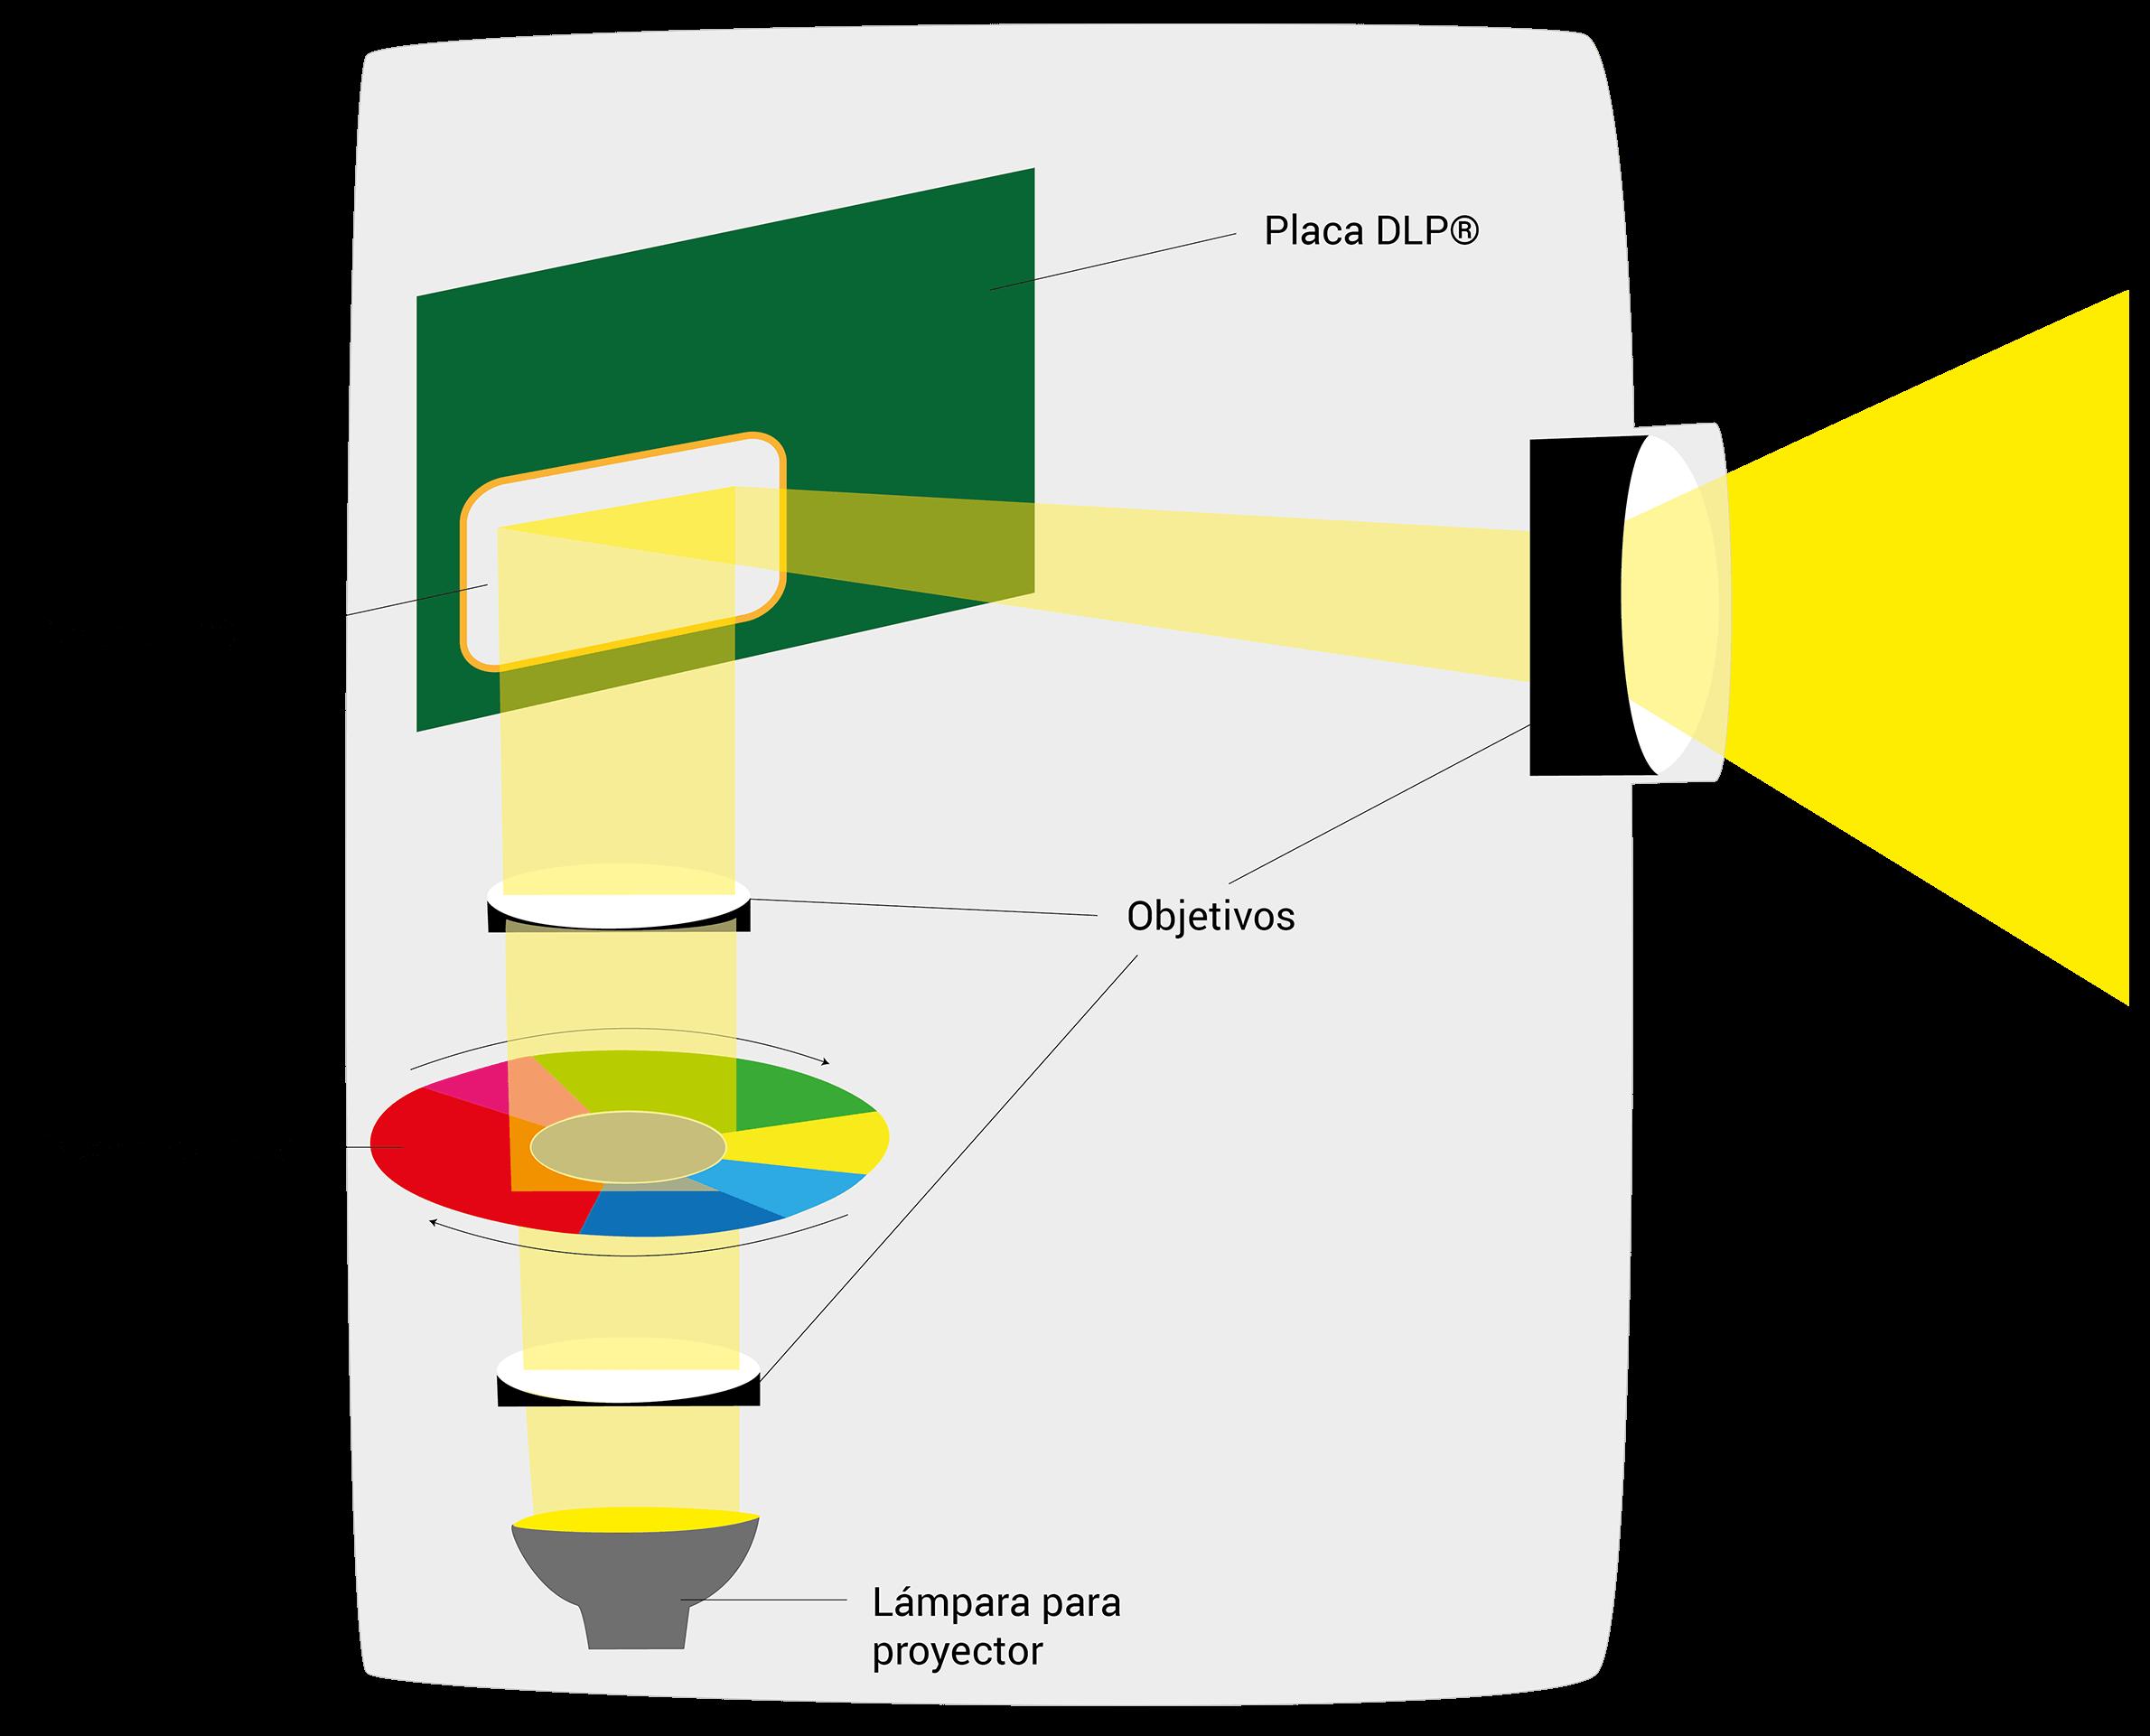 Funcionamiento de la técnica DLP en un proyector